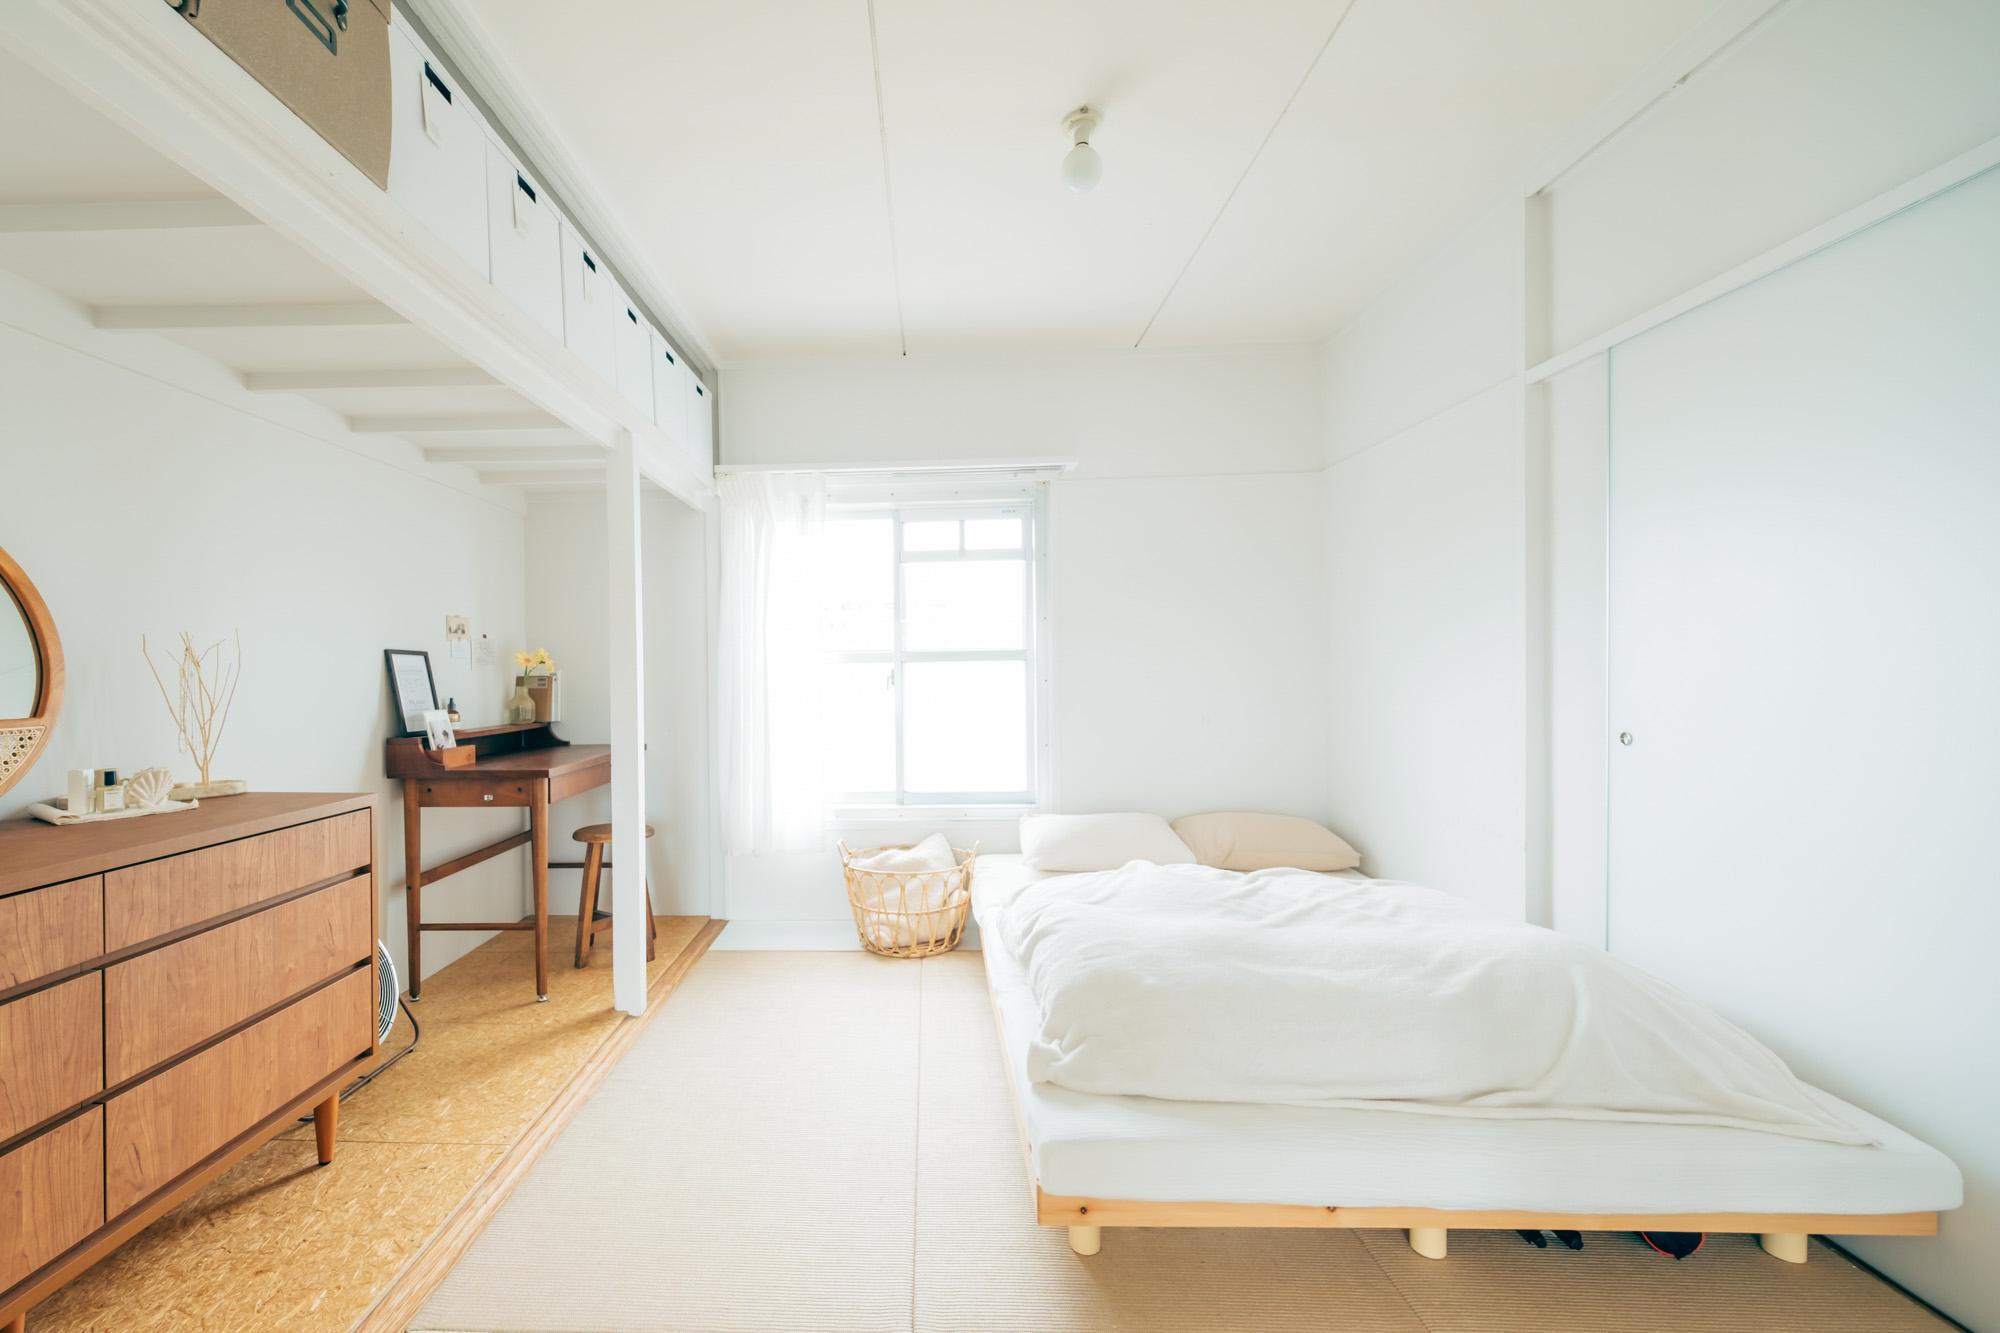 MUJI×URのリノベーション2DKで二人暮らしをしていらっしゃるお部屋。ダイニング隣のお部屋は、ベッドを置いて寝室兼リビングとされています。